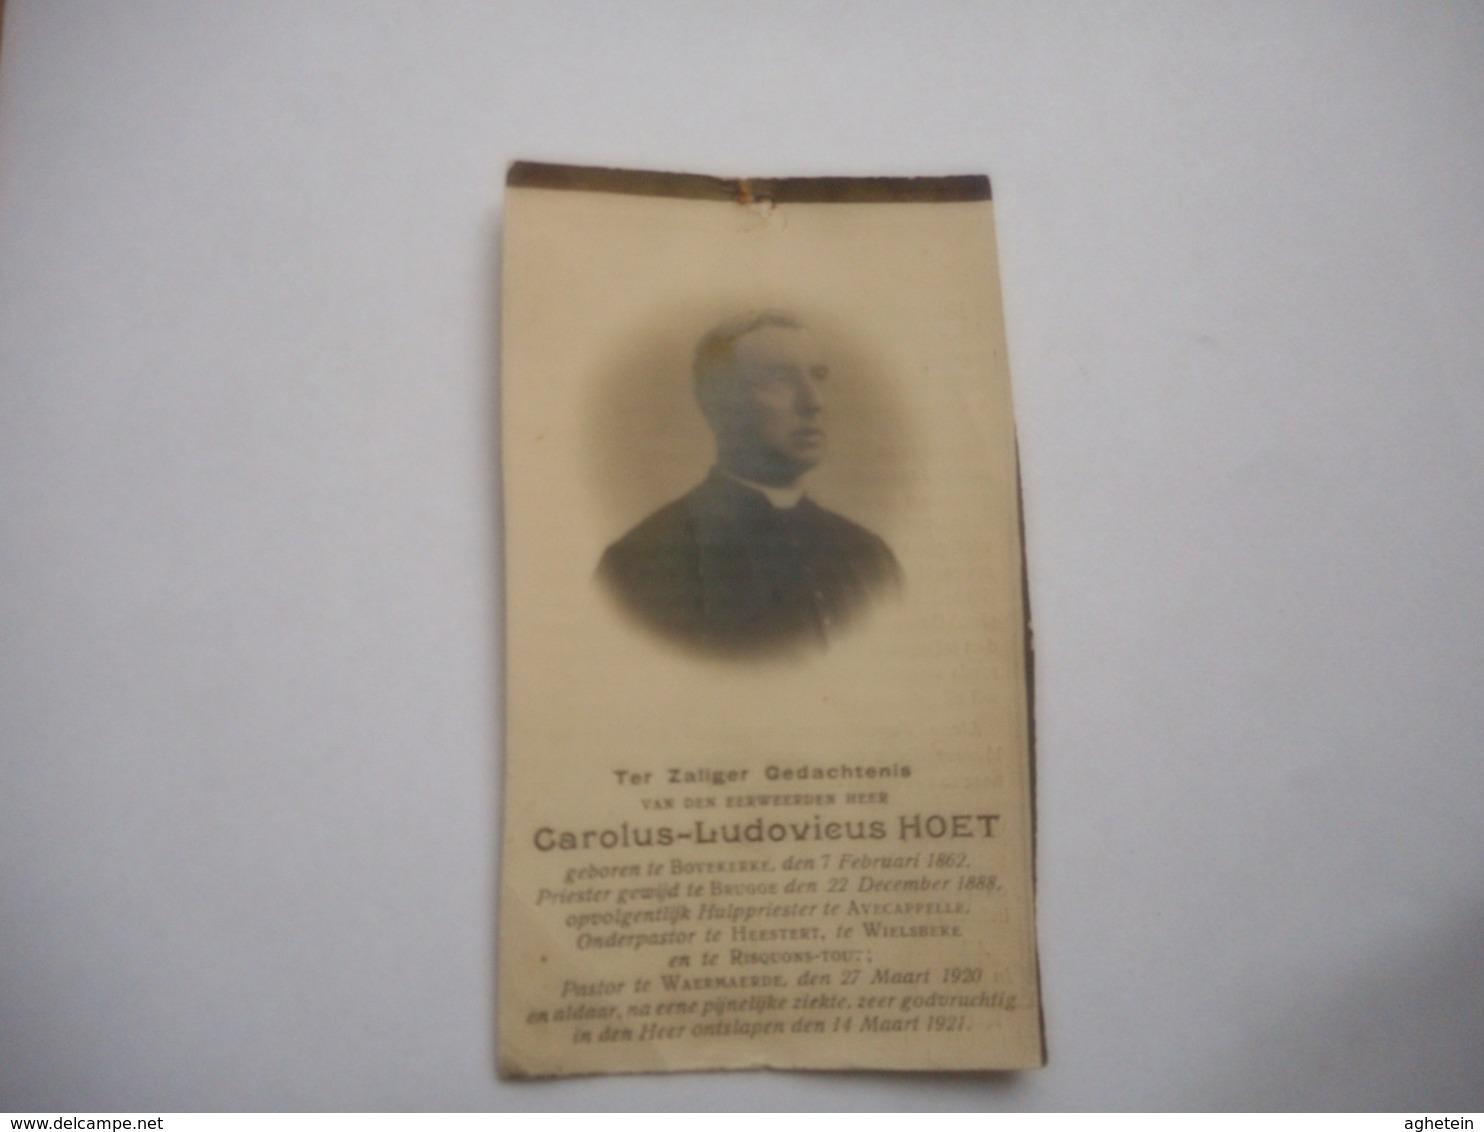 D.P.-EERW-H.CAROLUS-LUD.HOET°BOVEKERKE 7-2-1862-GEWIJD BRUGGE 22-12-1888--HULPPRIESTER AVECAPPELLE - Religion & Esotérisme